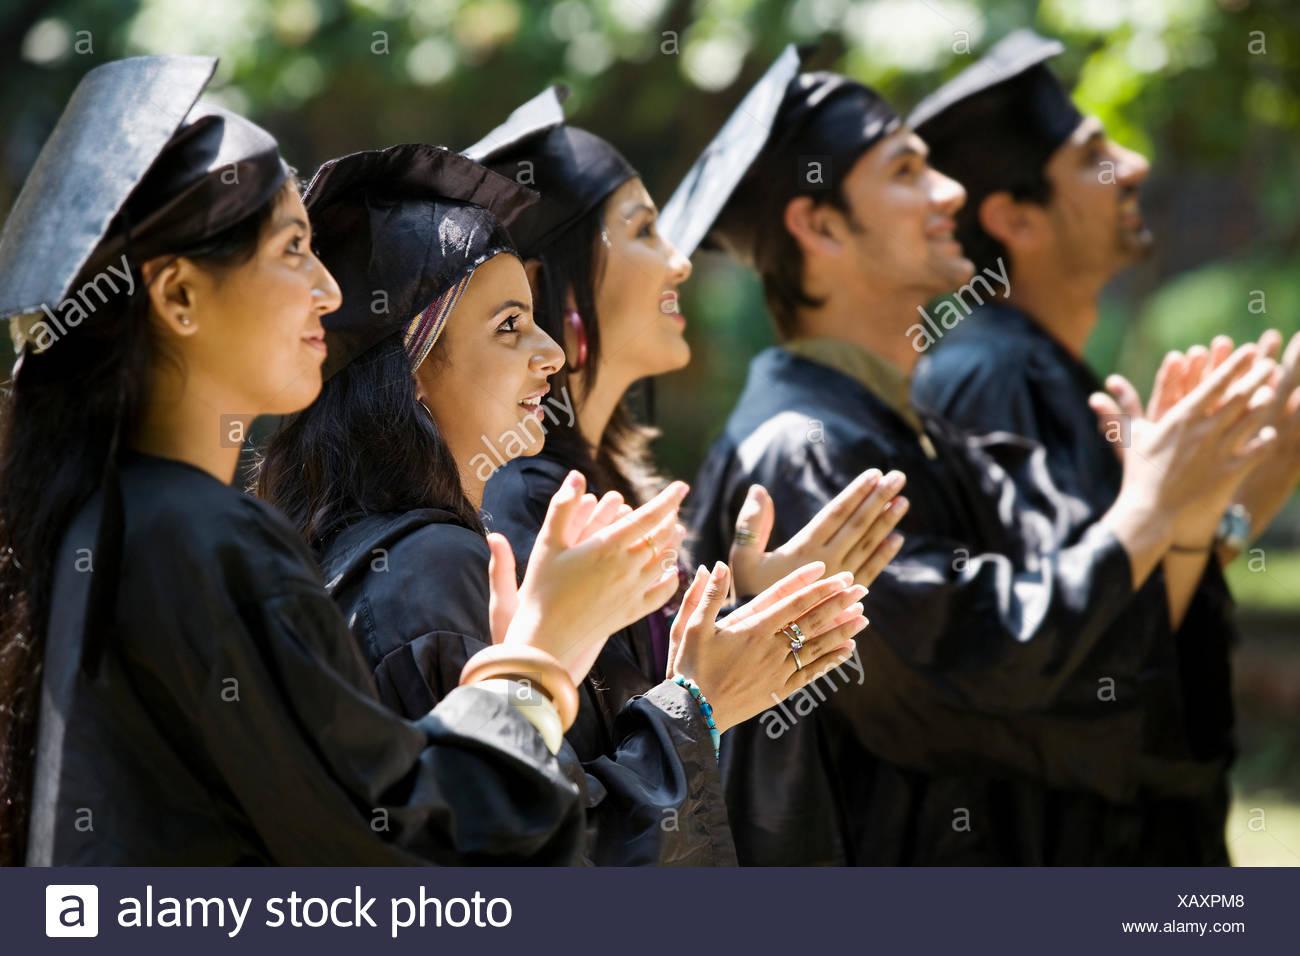 Ziemlich Beispiele Von College Studenten Setzt Ohne Berufserfahrung ...